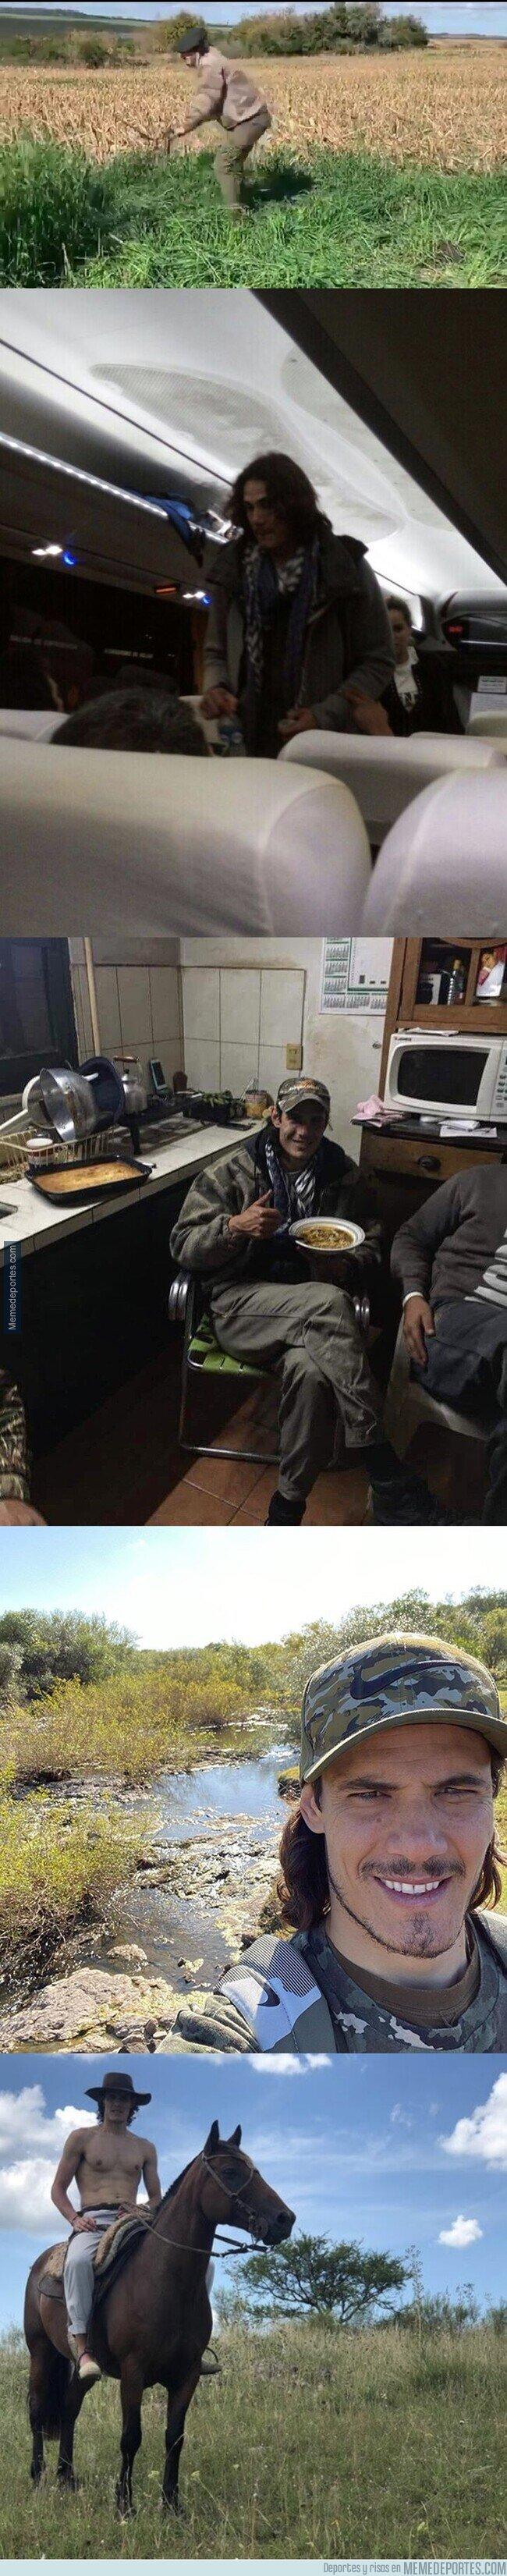 1106018 - Cuando Cavani llega a El Salto, desconecta completamente.